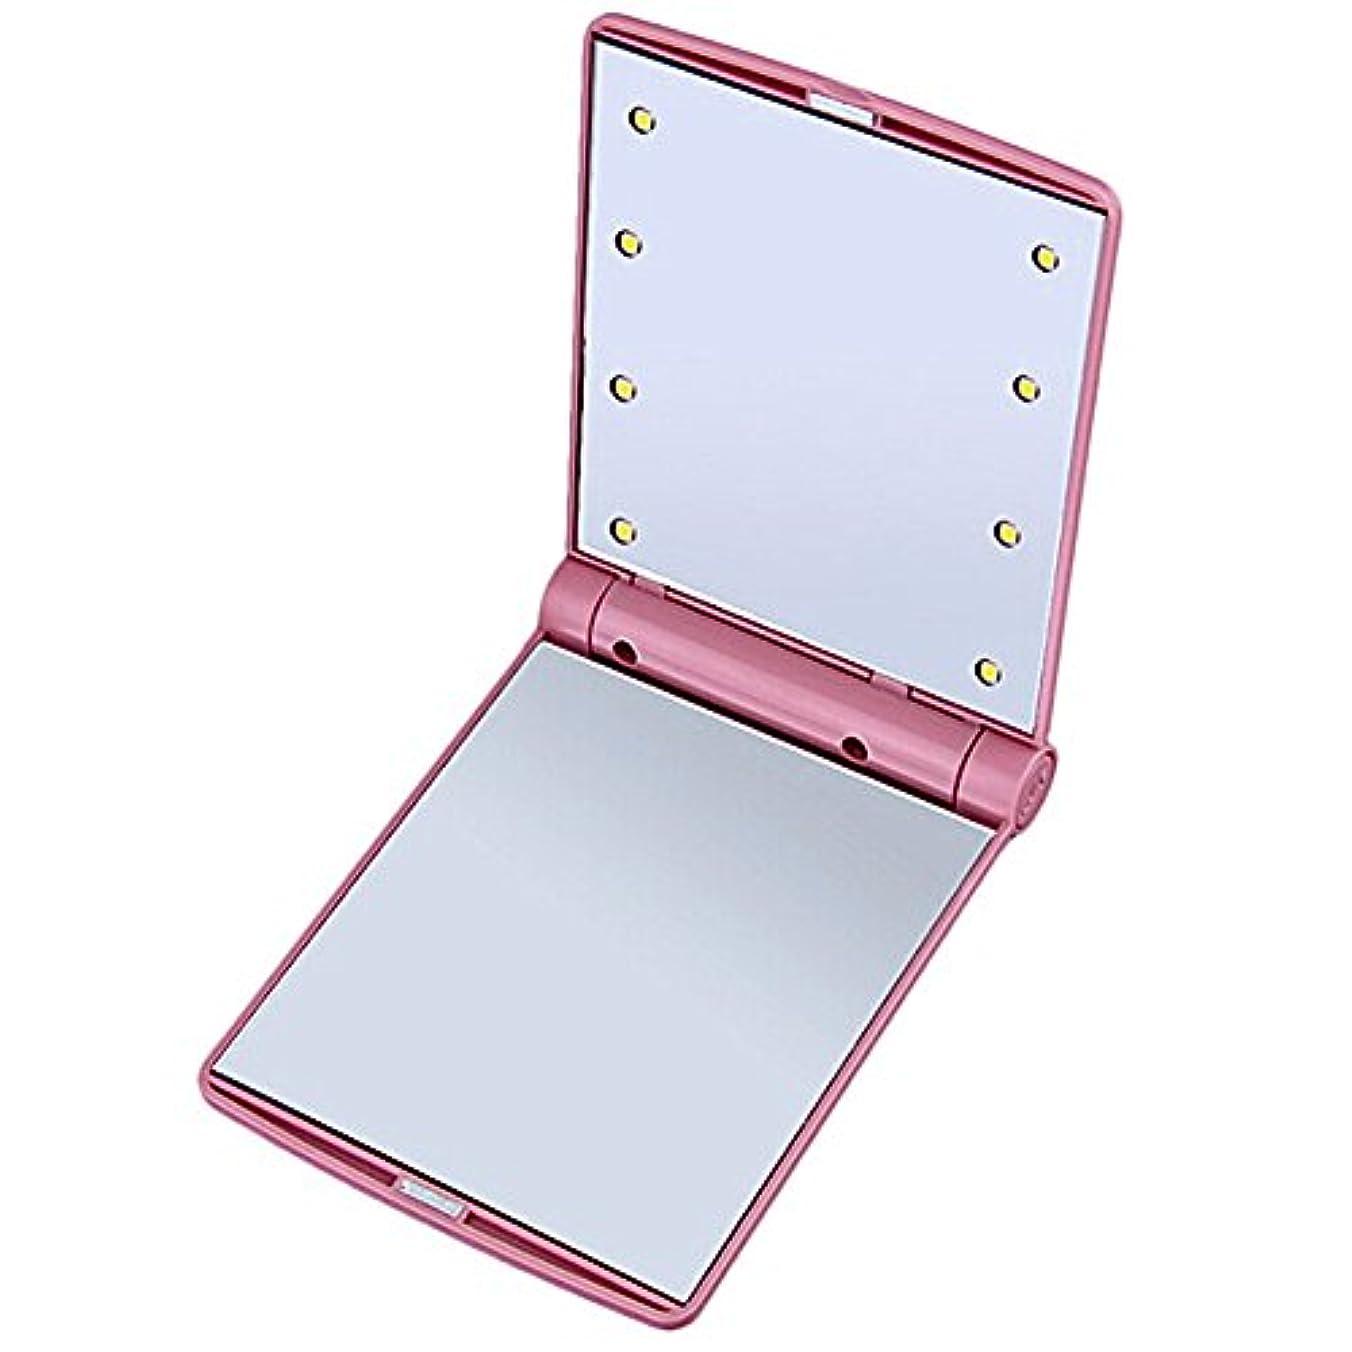 足音保全橋QIAONAI 鏡 化粧鏡  LEDライト付き  コンパクトミラー 化粧鏡  LEDミラー  女優ミラー  折りたたみ式 二面鏡  スタンドミラー   コンパクト  LEDライト8個 女性